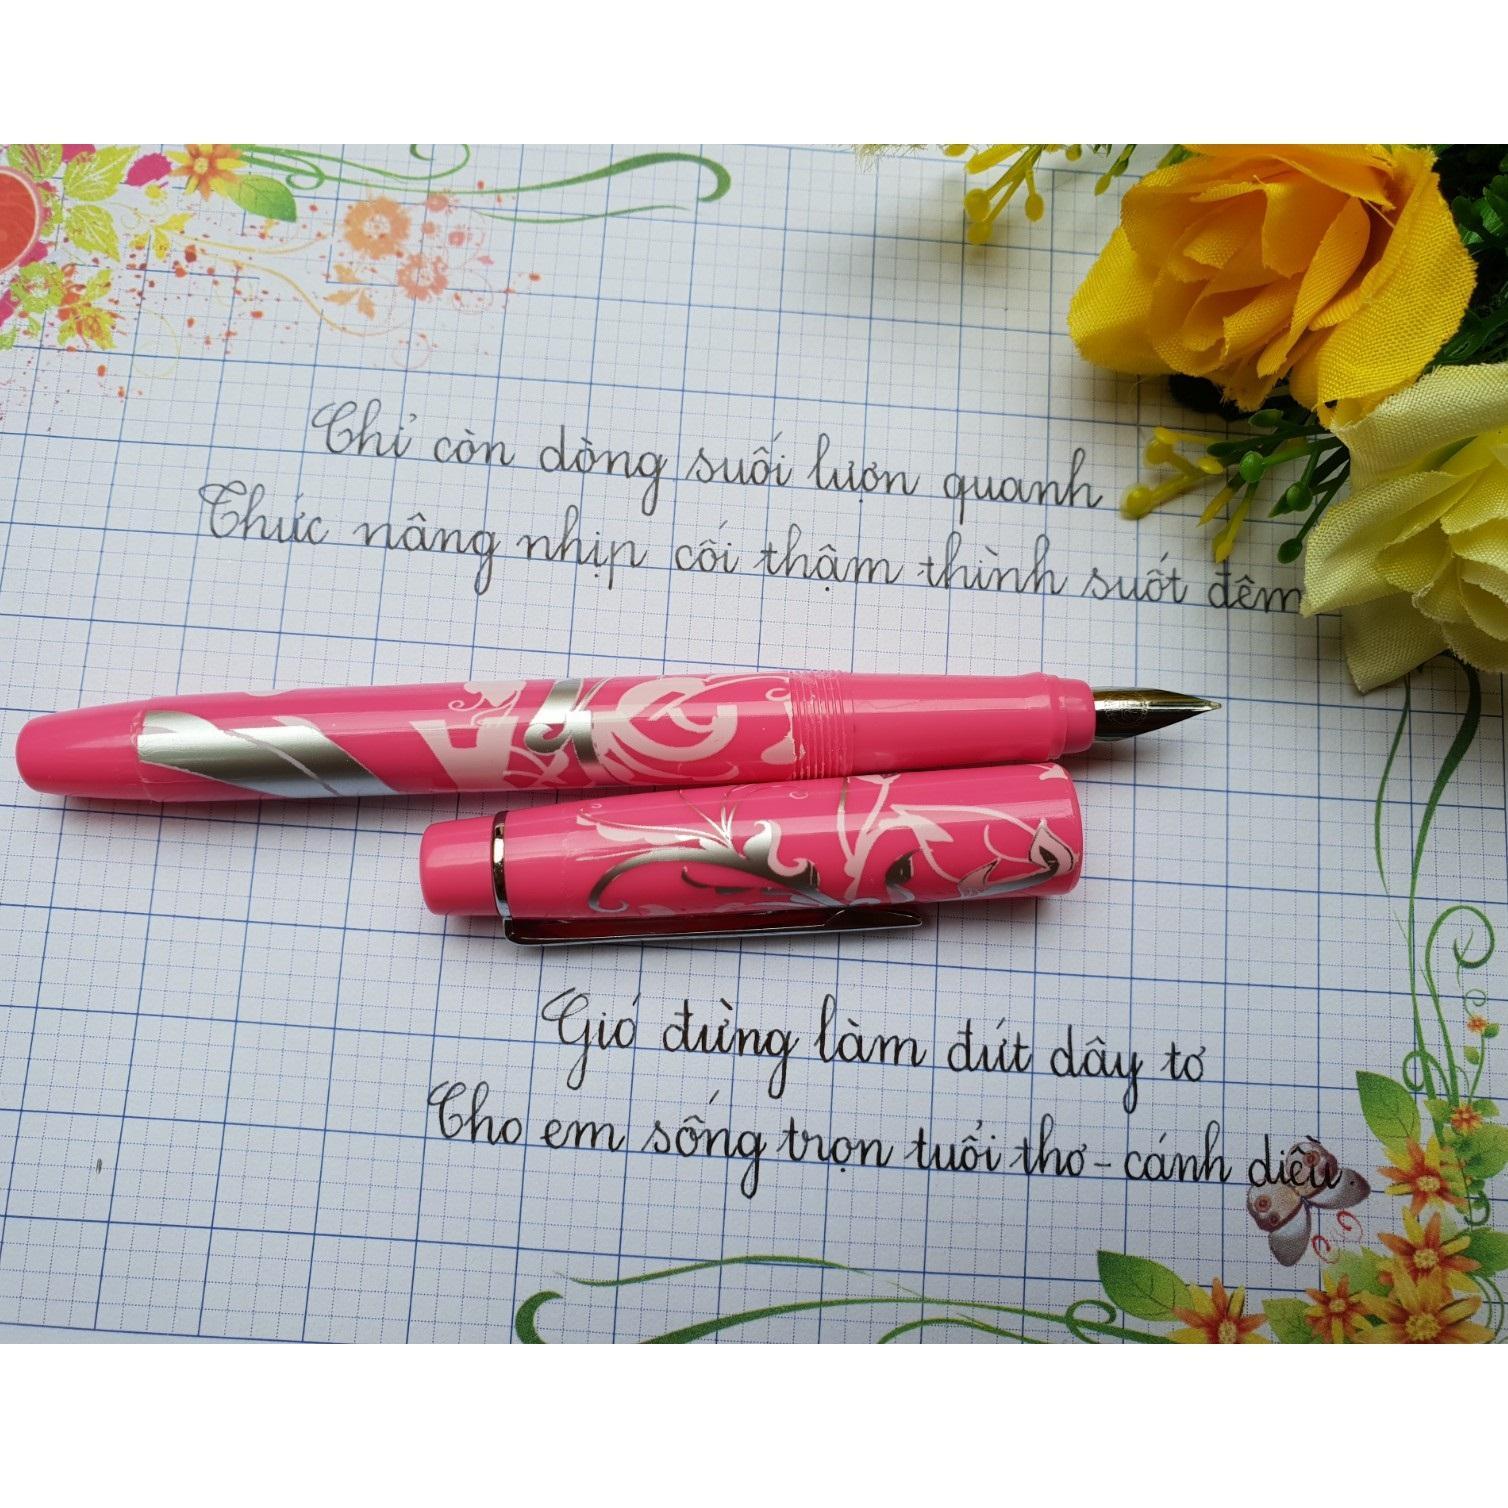 Mua Bút JOYKO (Ấn Độ) - Bút luyện viết chữ đẹp Siêu nhẹ, bền, đẹp (Kèm 2 ngòi mài)